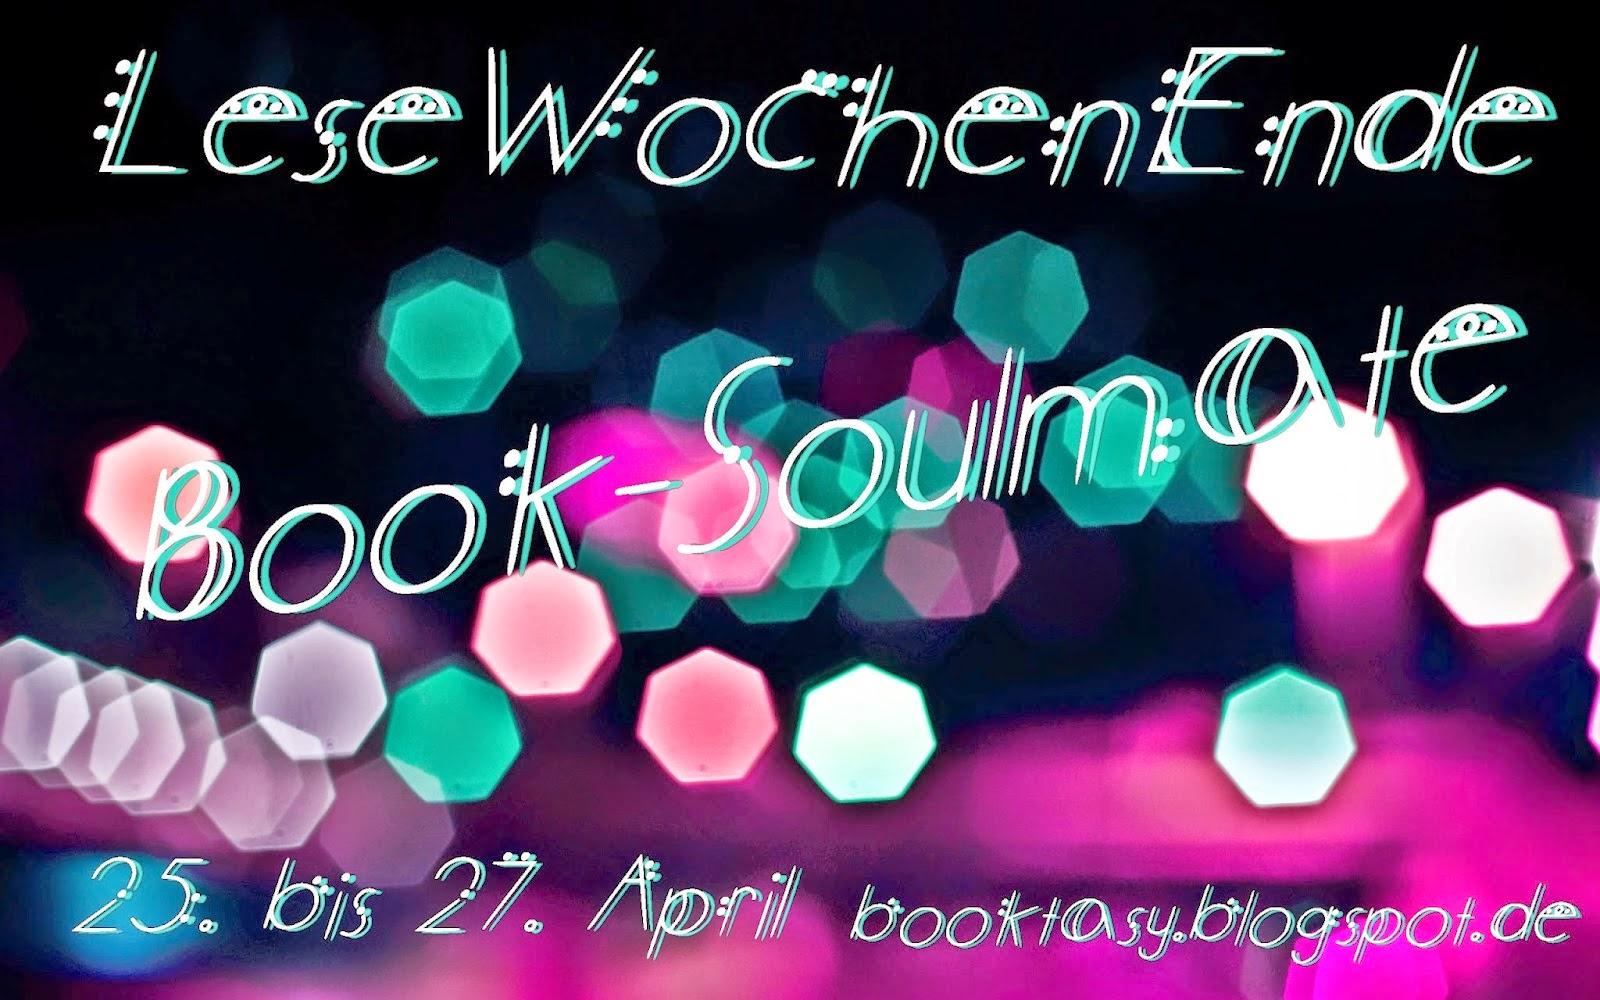 http://booktasy.blogspot.de/2014/04/booksoulmate-fragen-und-aufgaben.html